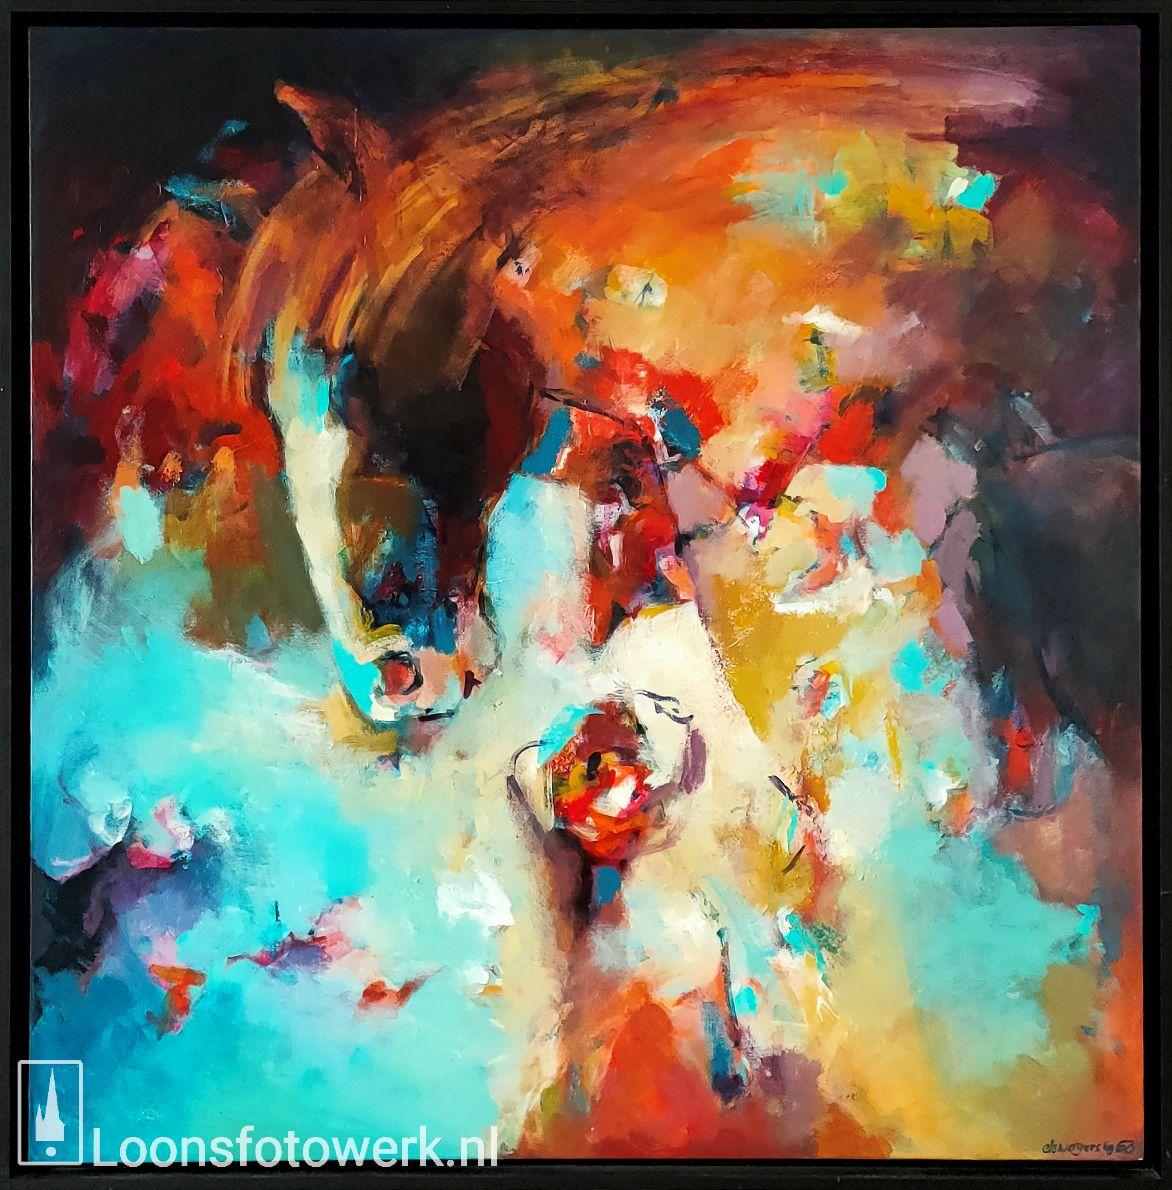 Els Smulders - Waijers, kunstenares in hart en nieren 22